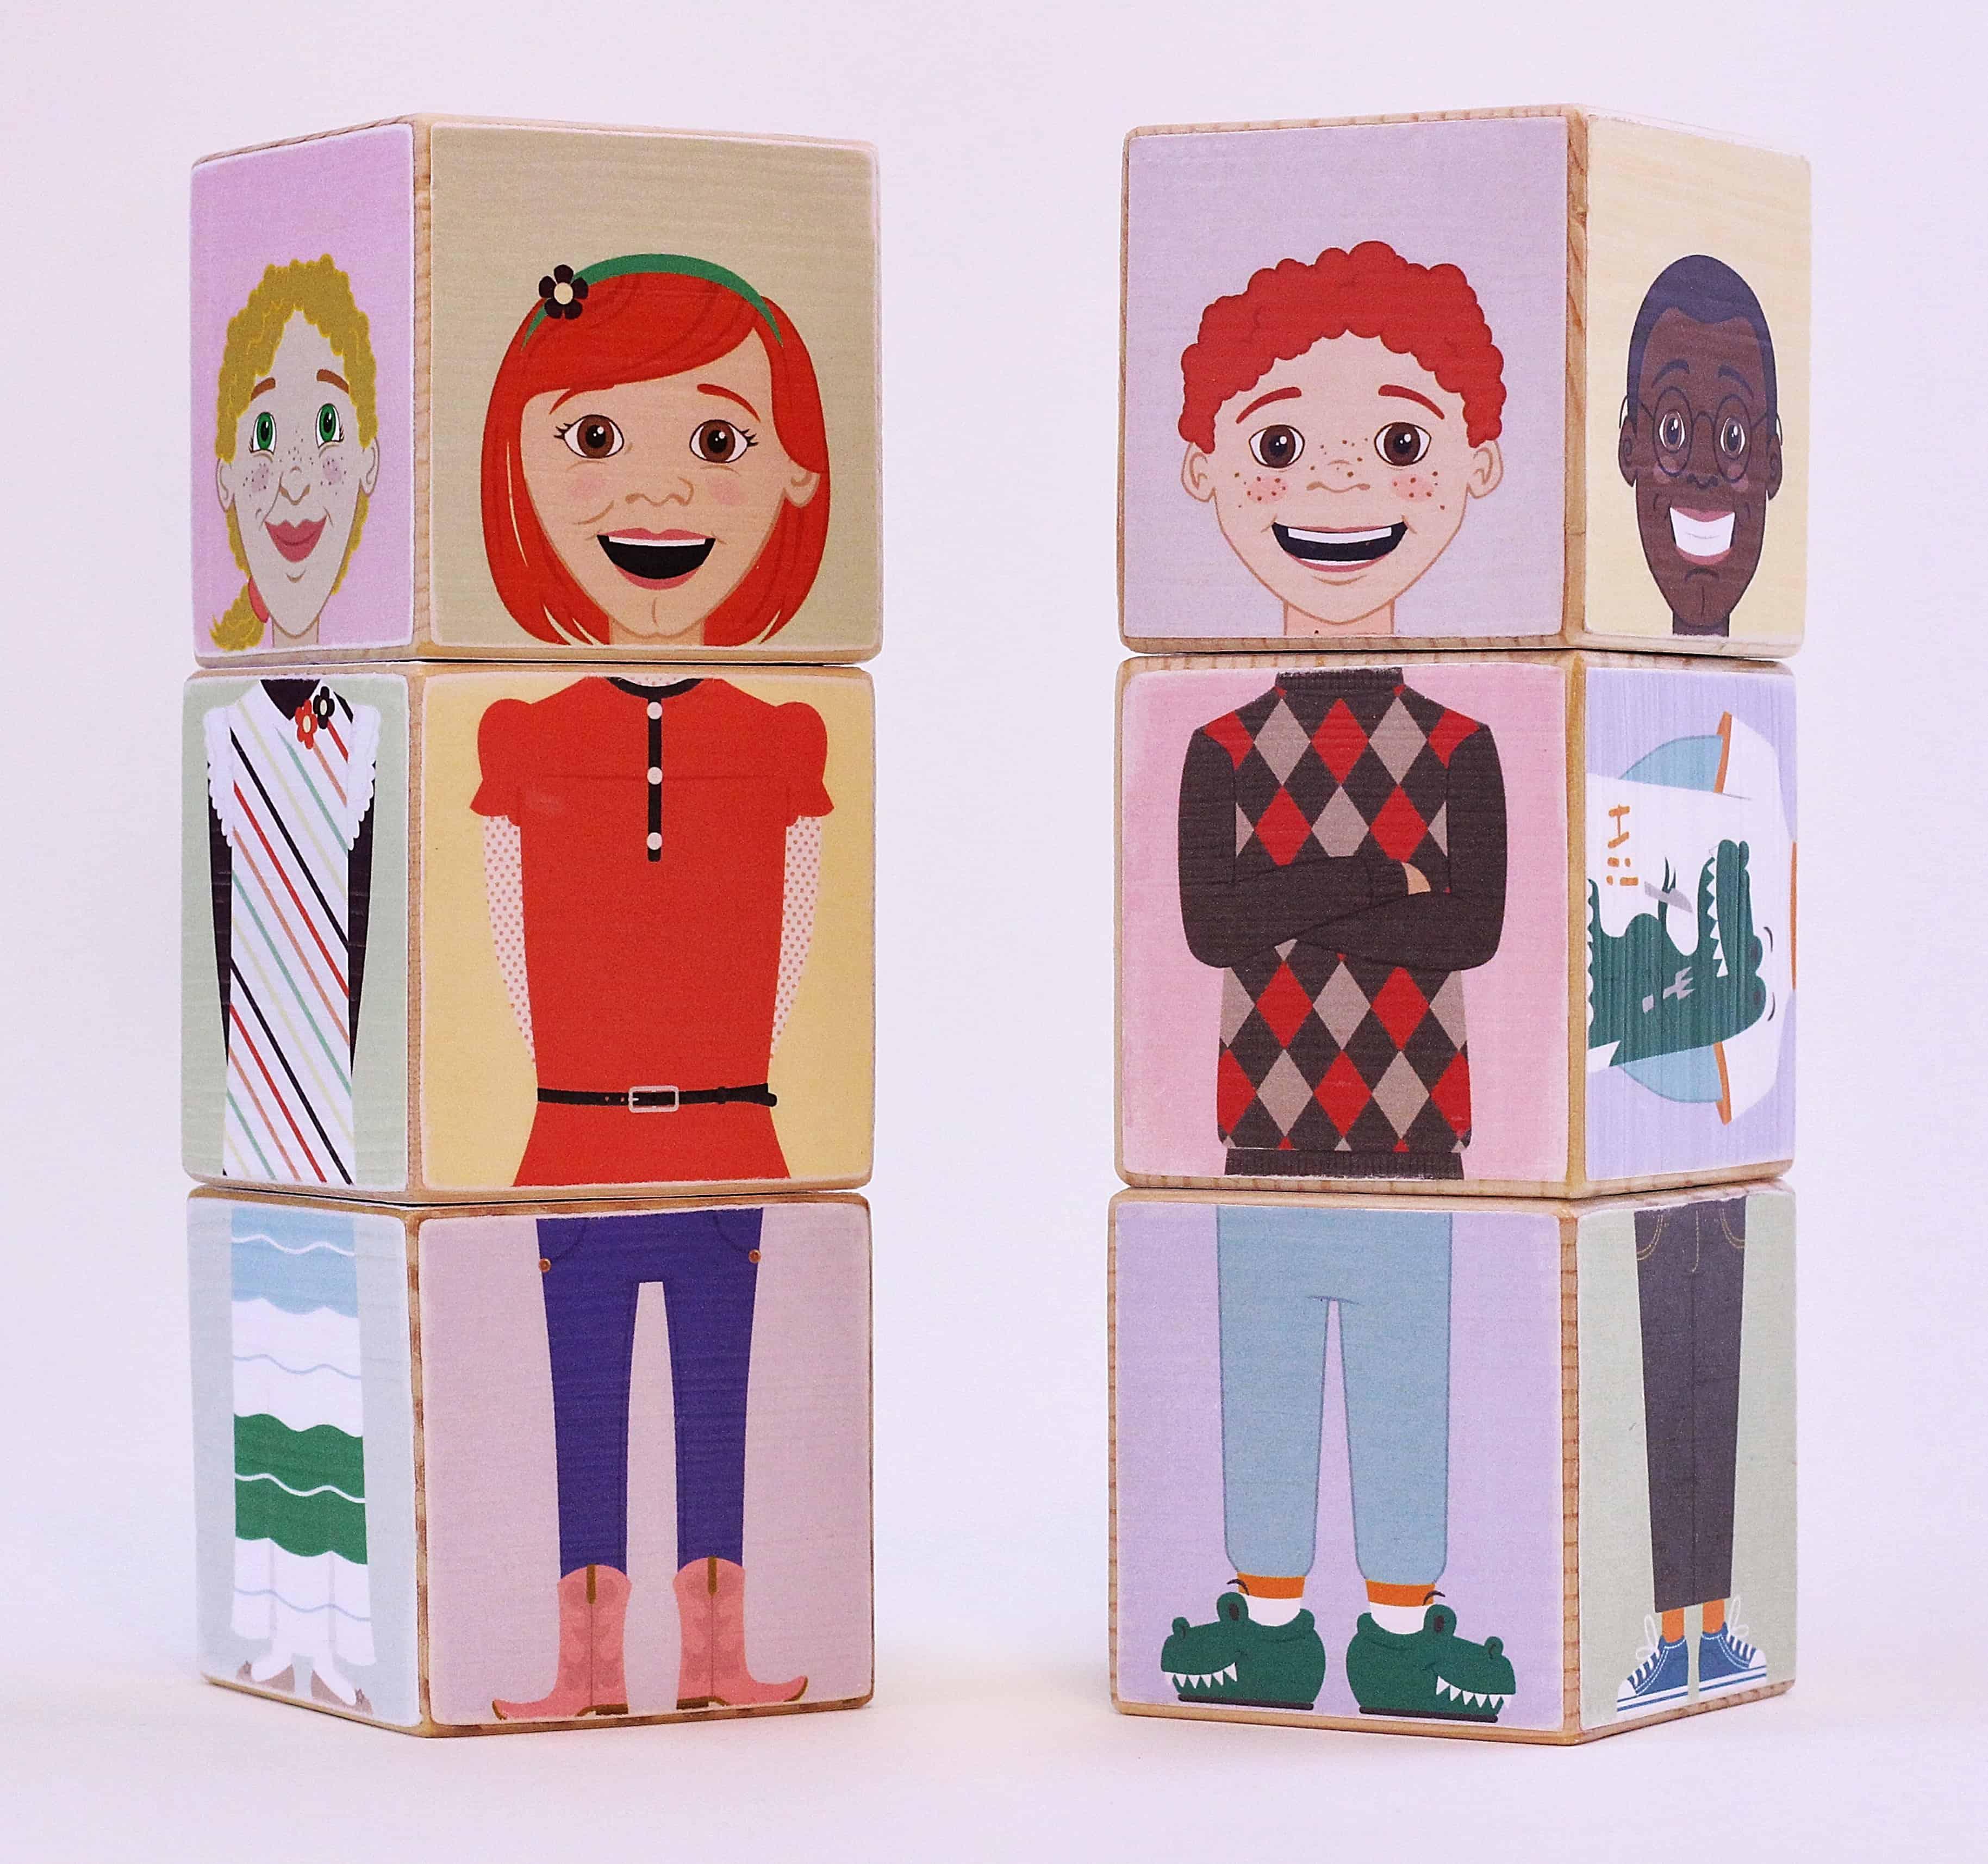 DIY Gift Ideas for Children